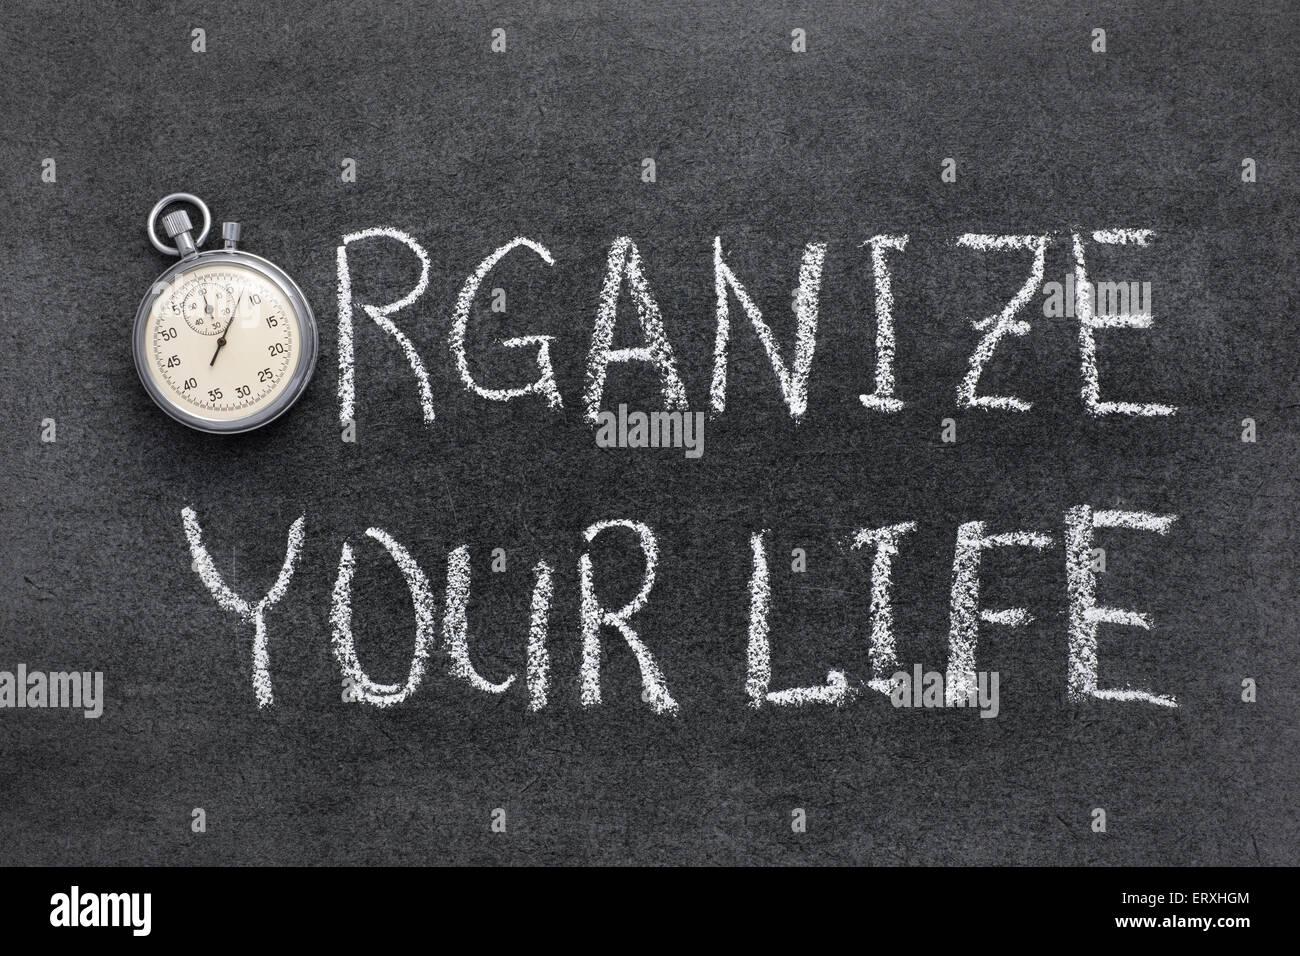 organisieren Sie Ihr Leben-Satz handschriftlich auf Tafel mit Vintage präzise Stoppuhr verwendet anstelle von Stockbild